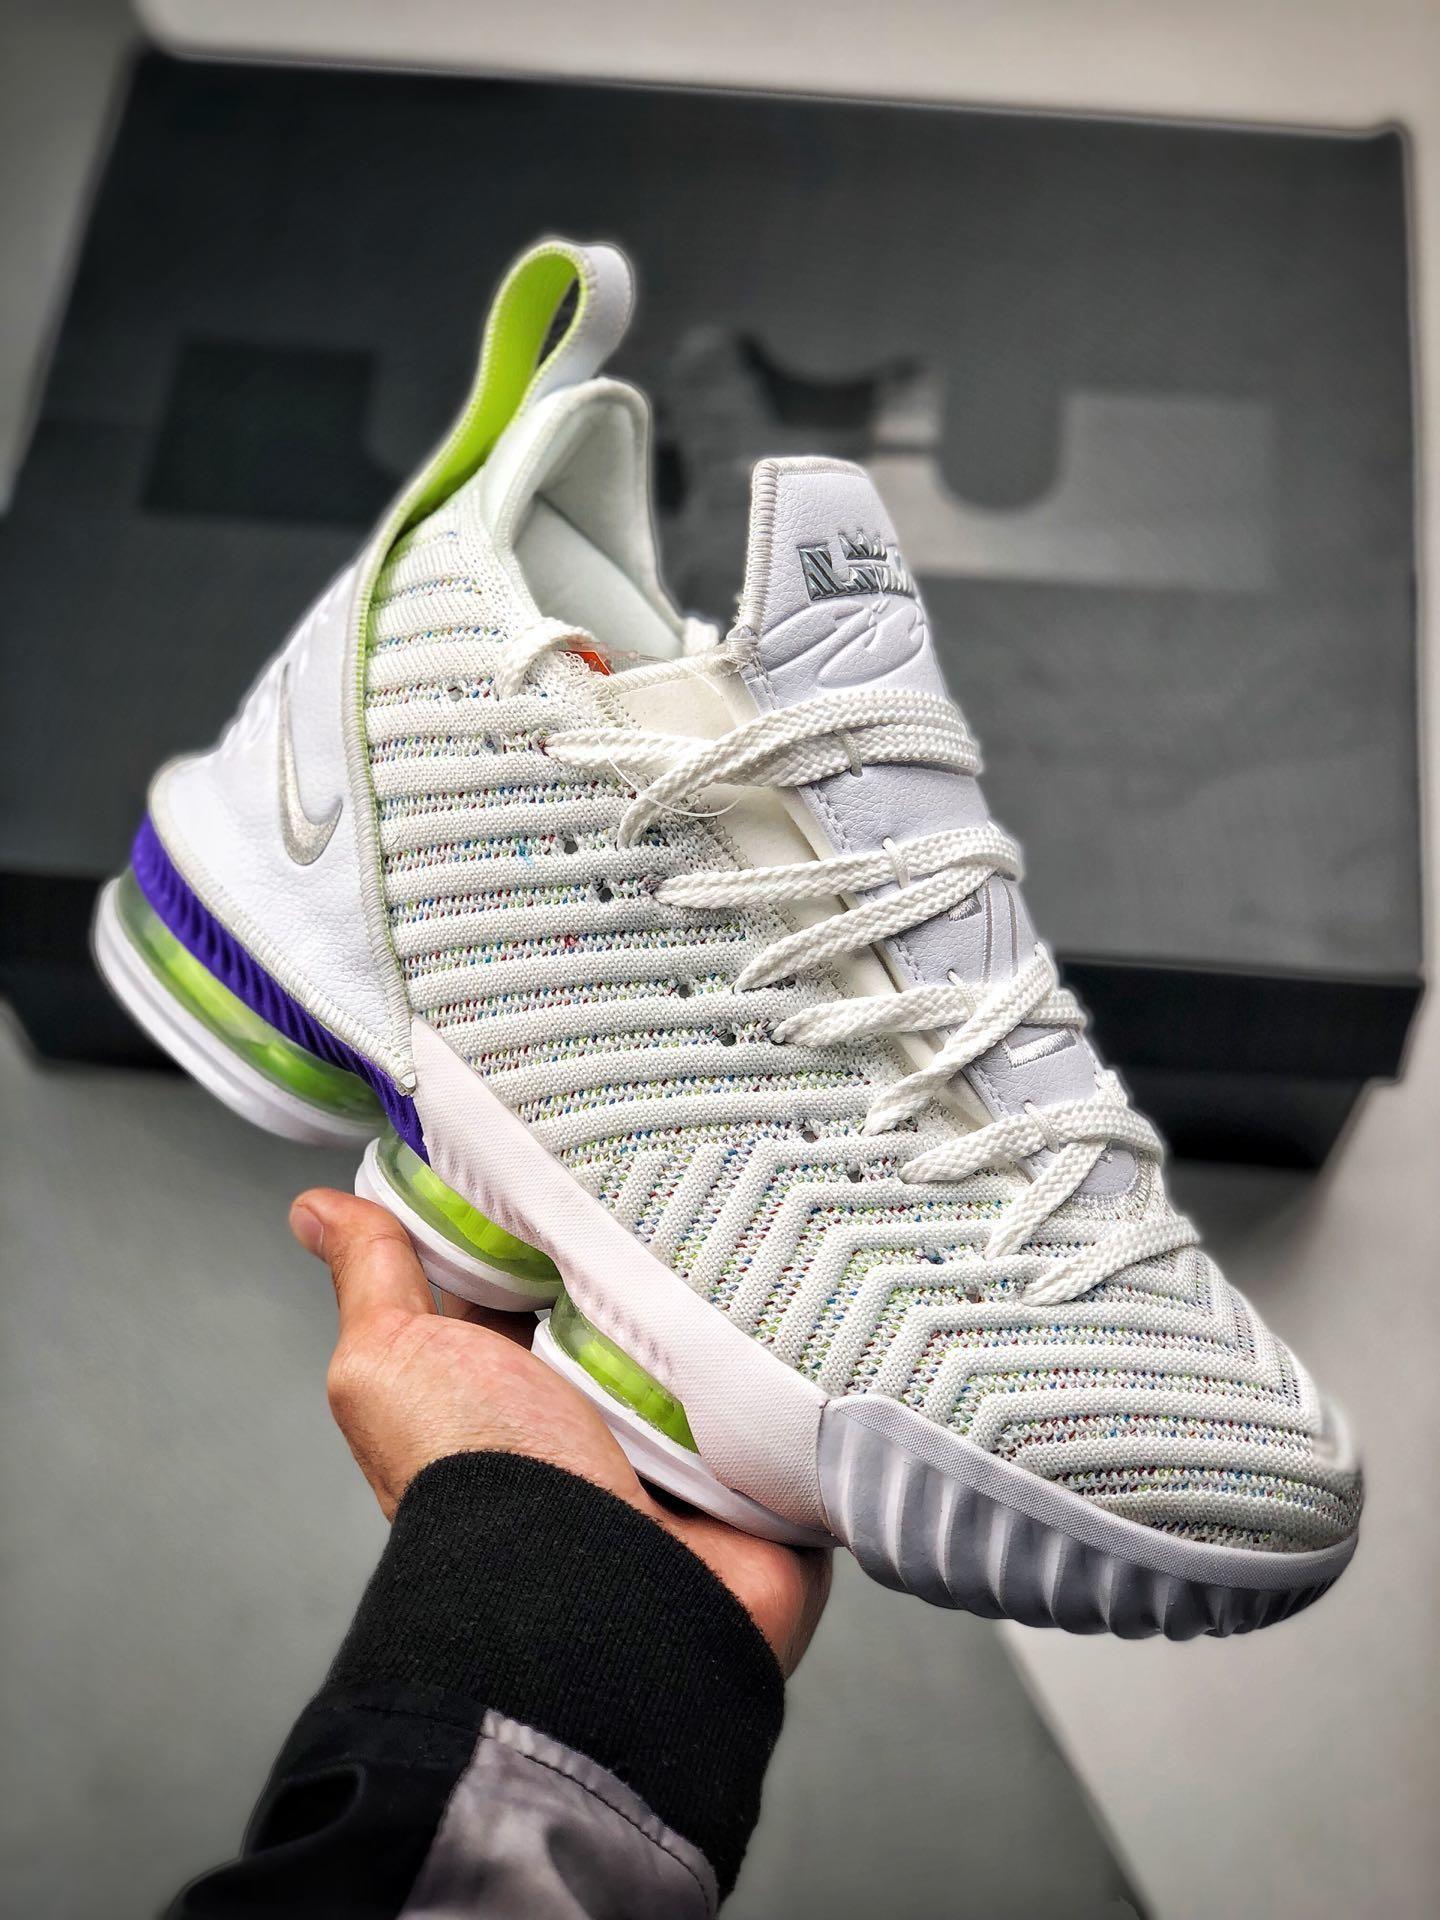 Pin on Shoe - Nike 720 Shoe - Nike Sneaker